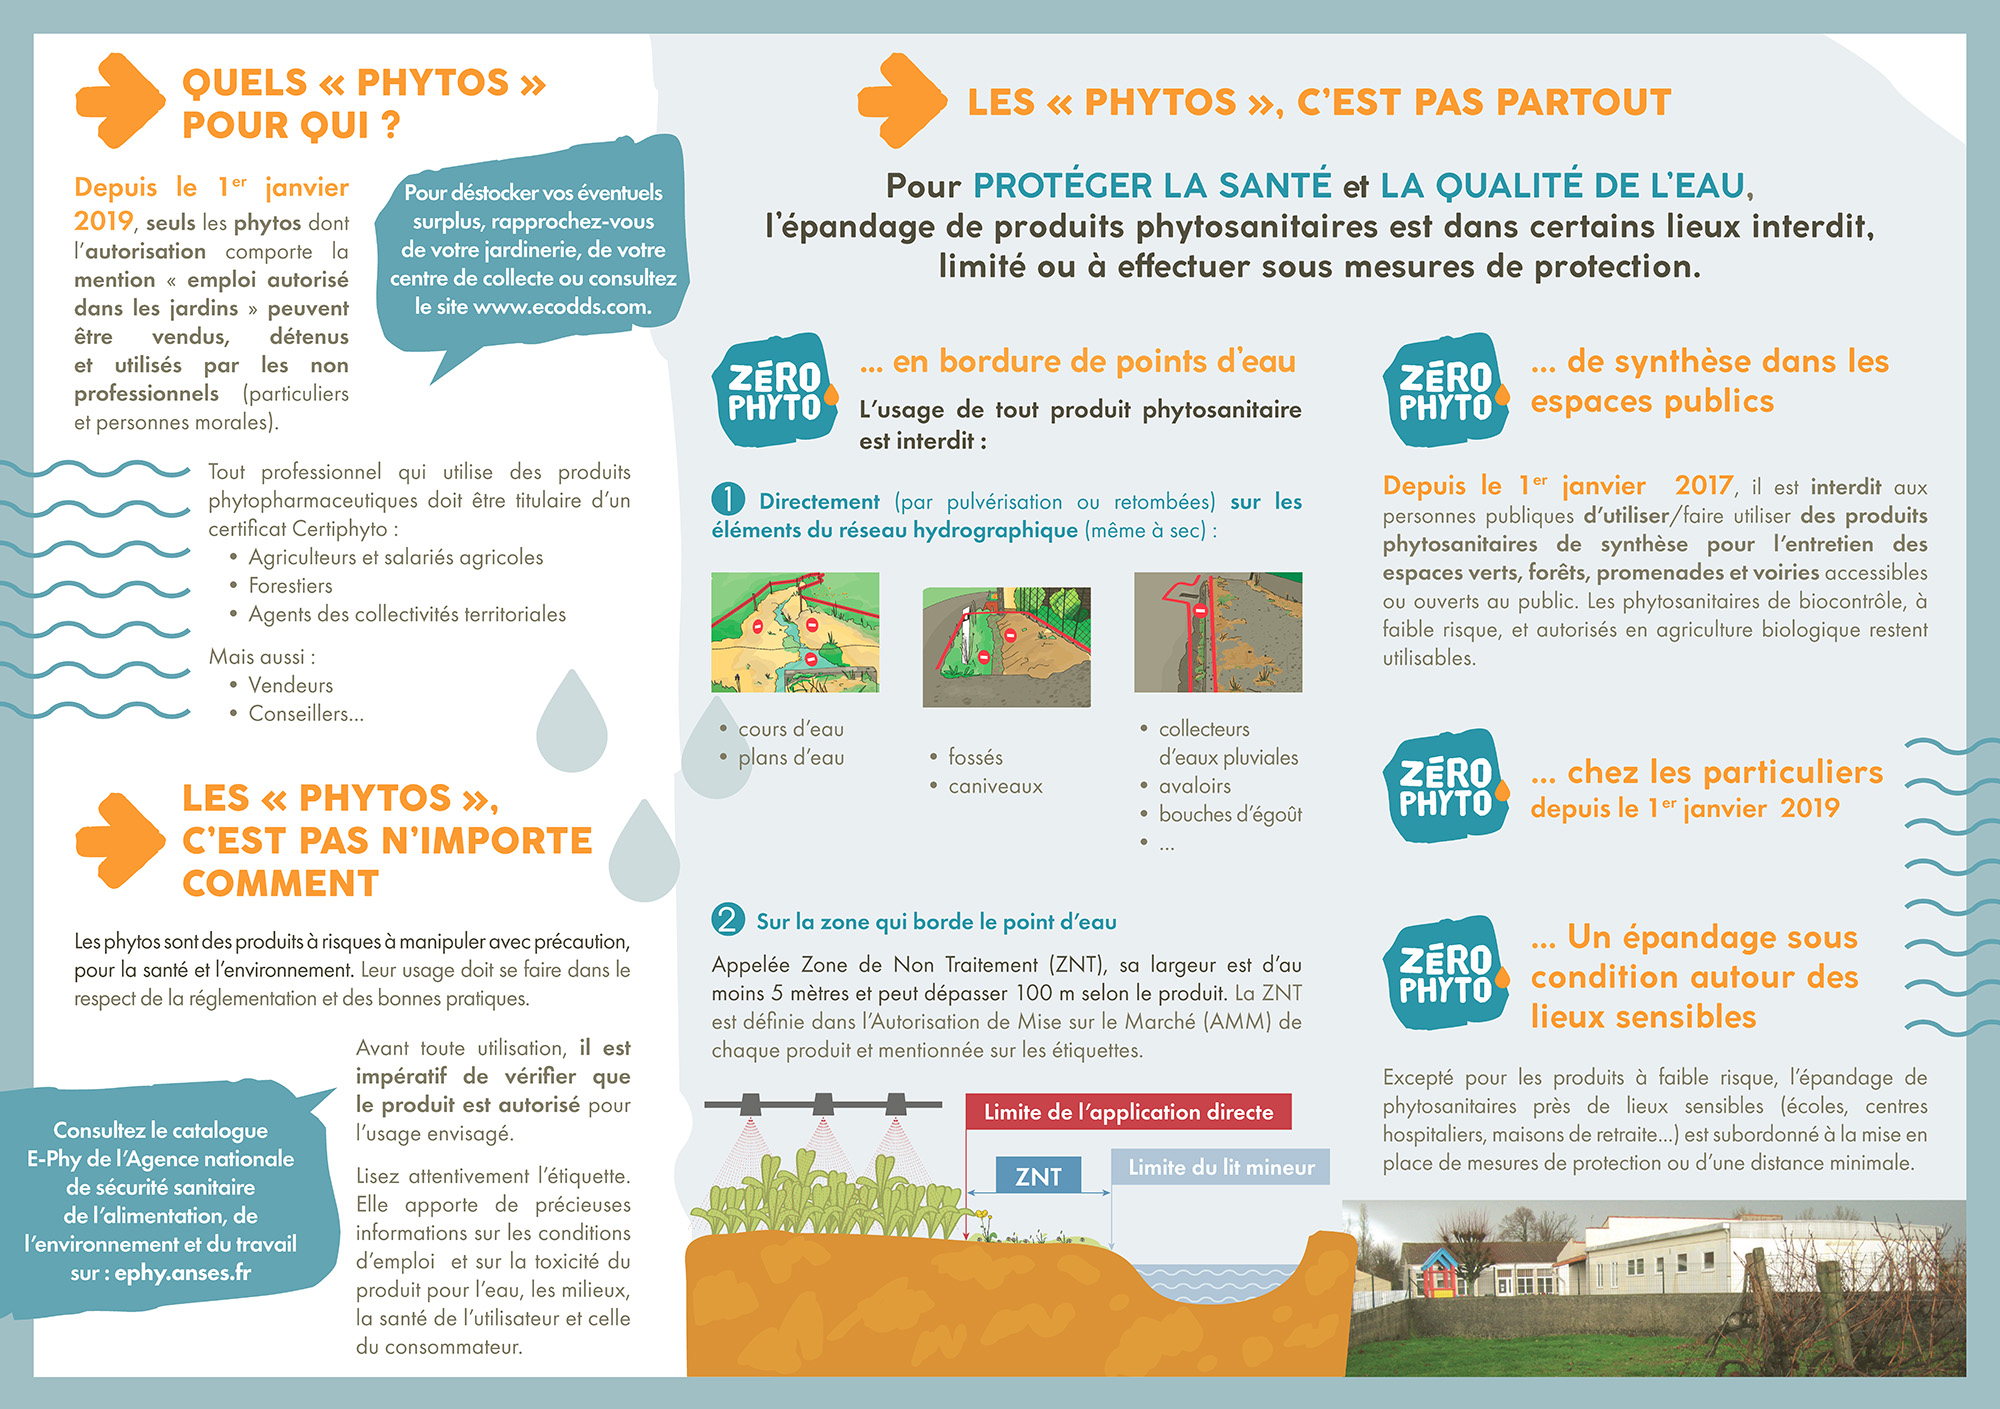 Pons-Affiche Zero Phyto pour l'eau